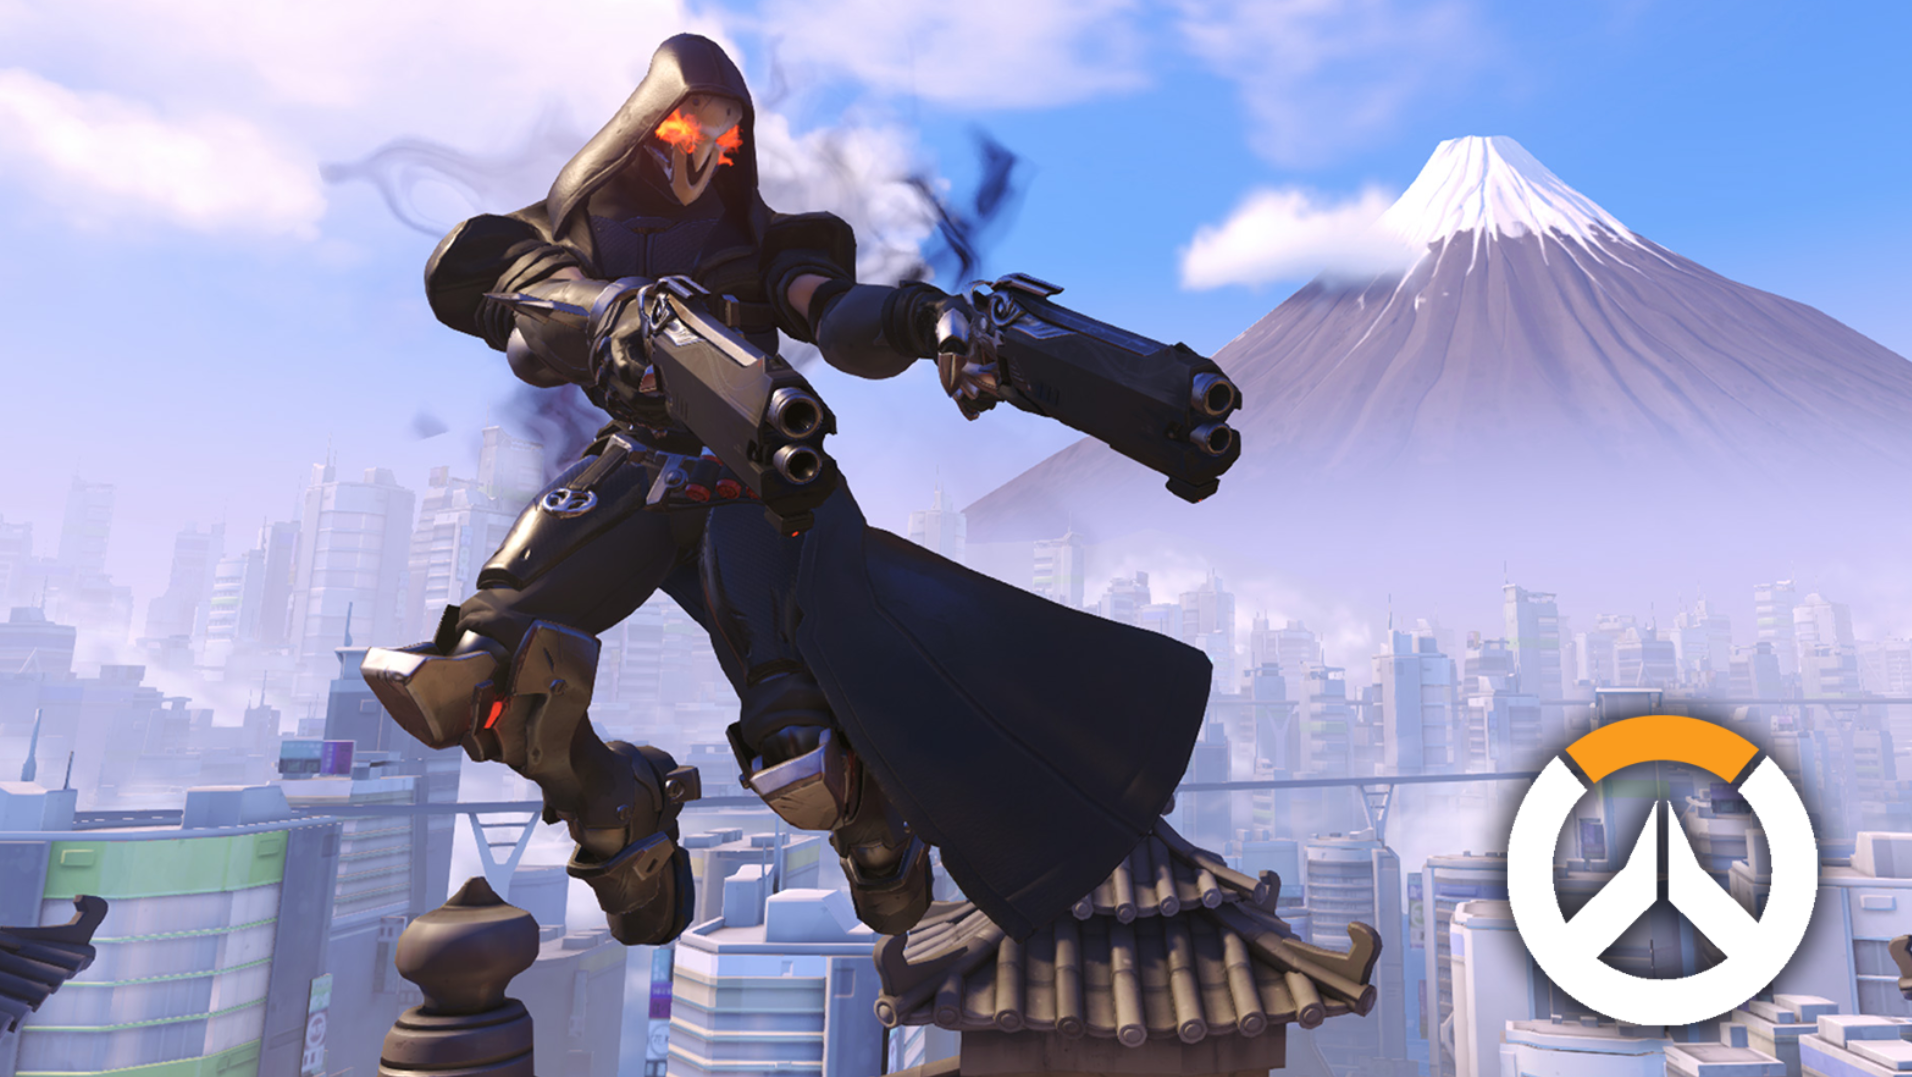 Reaper Overwatch teleporting Hanamura